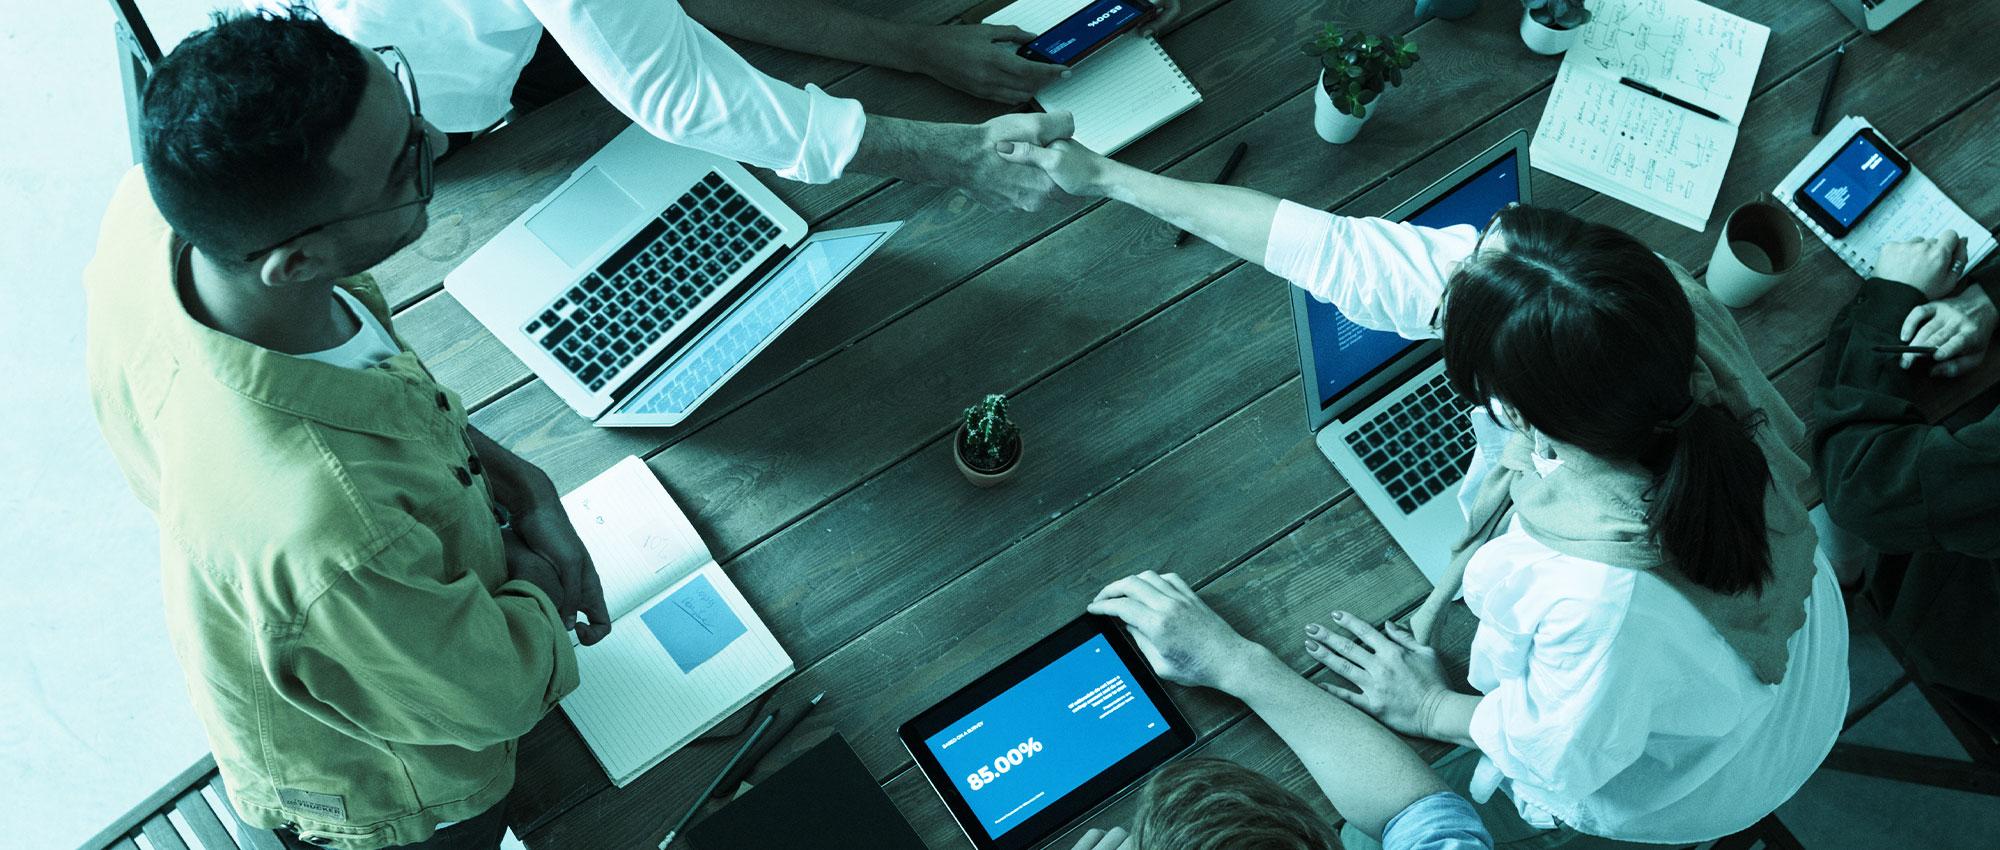 Sie sehen verschiedene Medien die zum Lernen genutzt werden können. Neben einem klassischen Web-based Training am Laptop, kann auch am Tablet oder Smartphone gelernt werden.